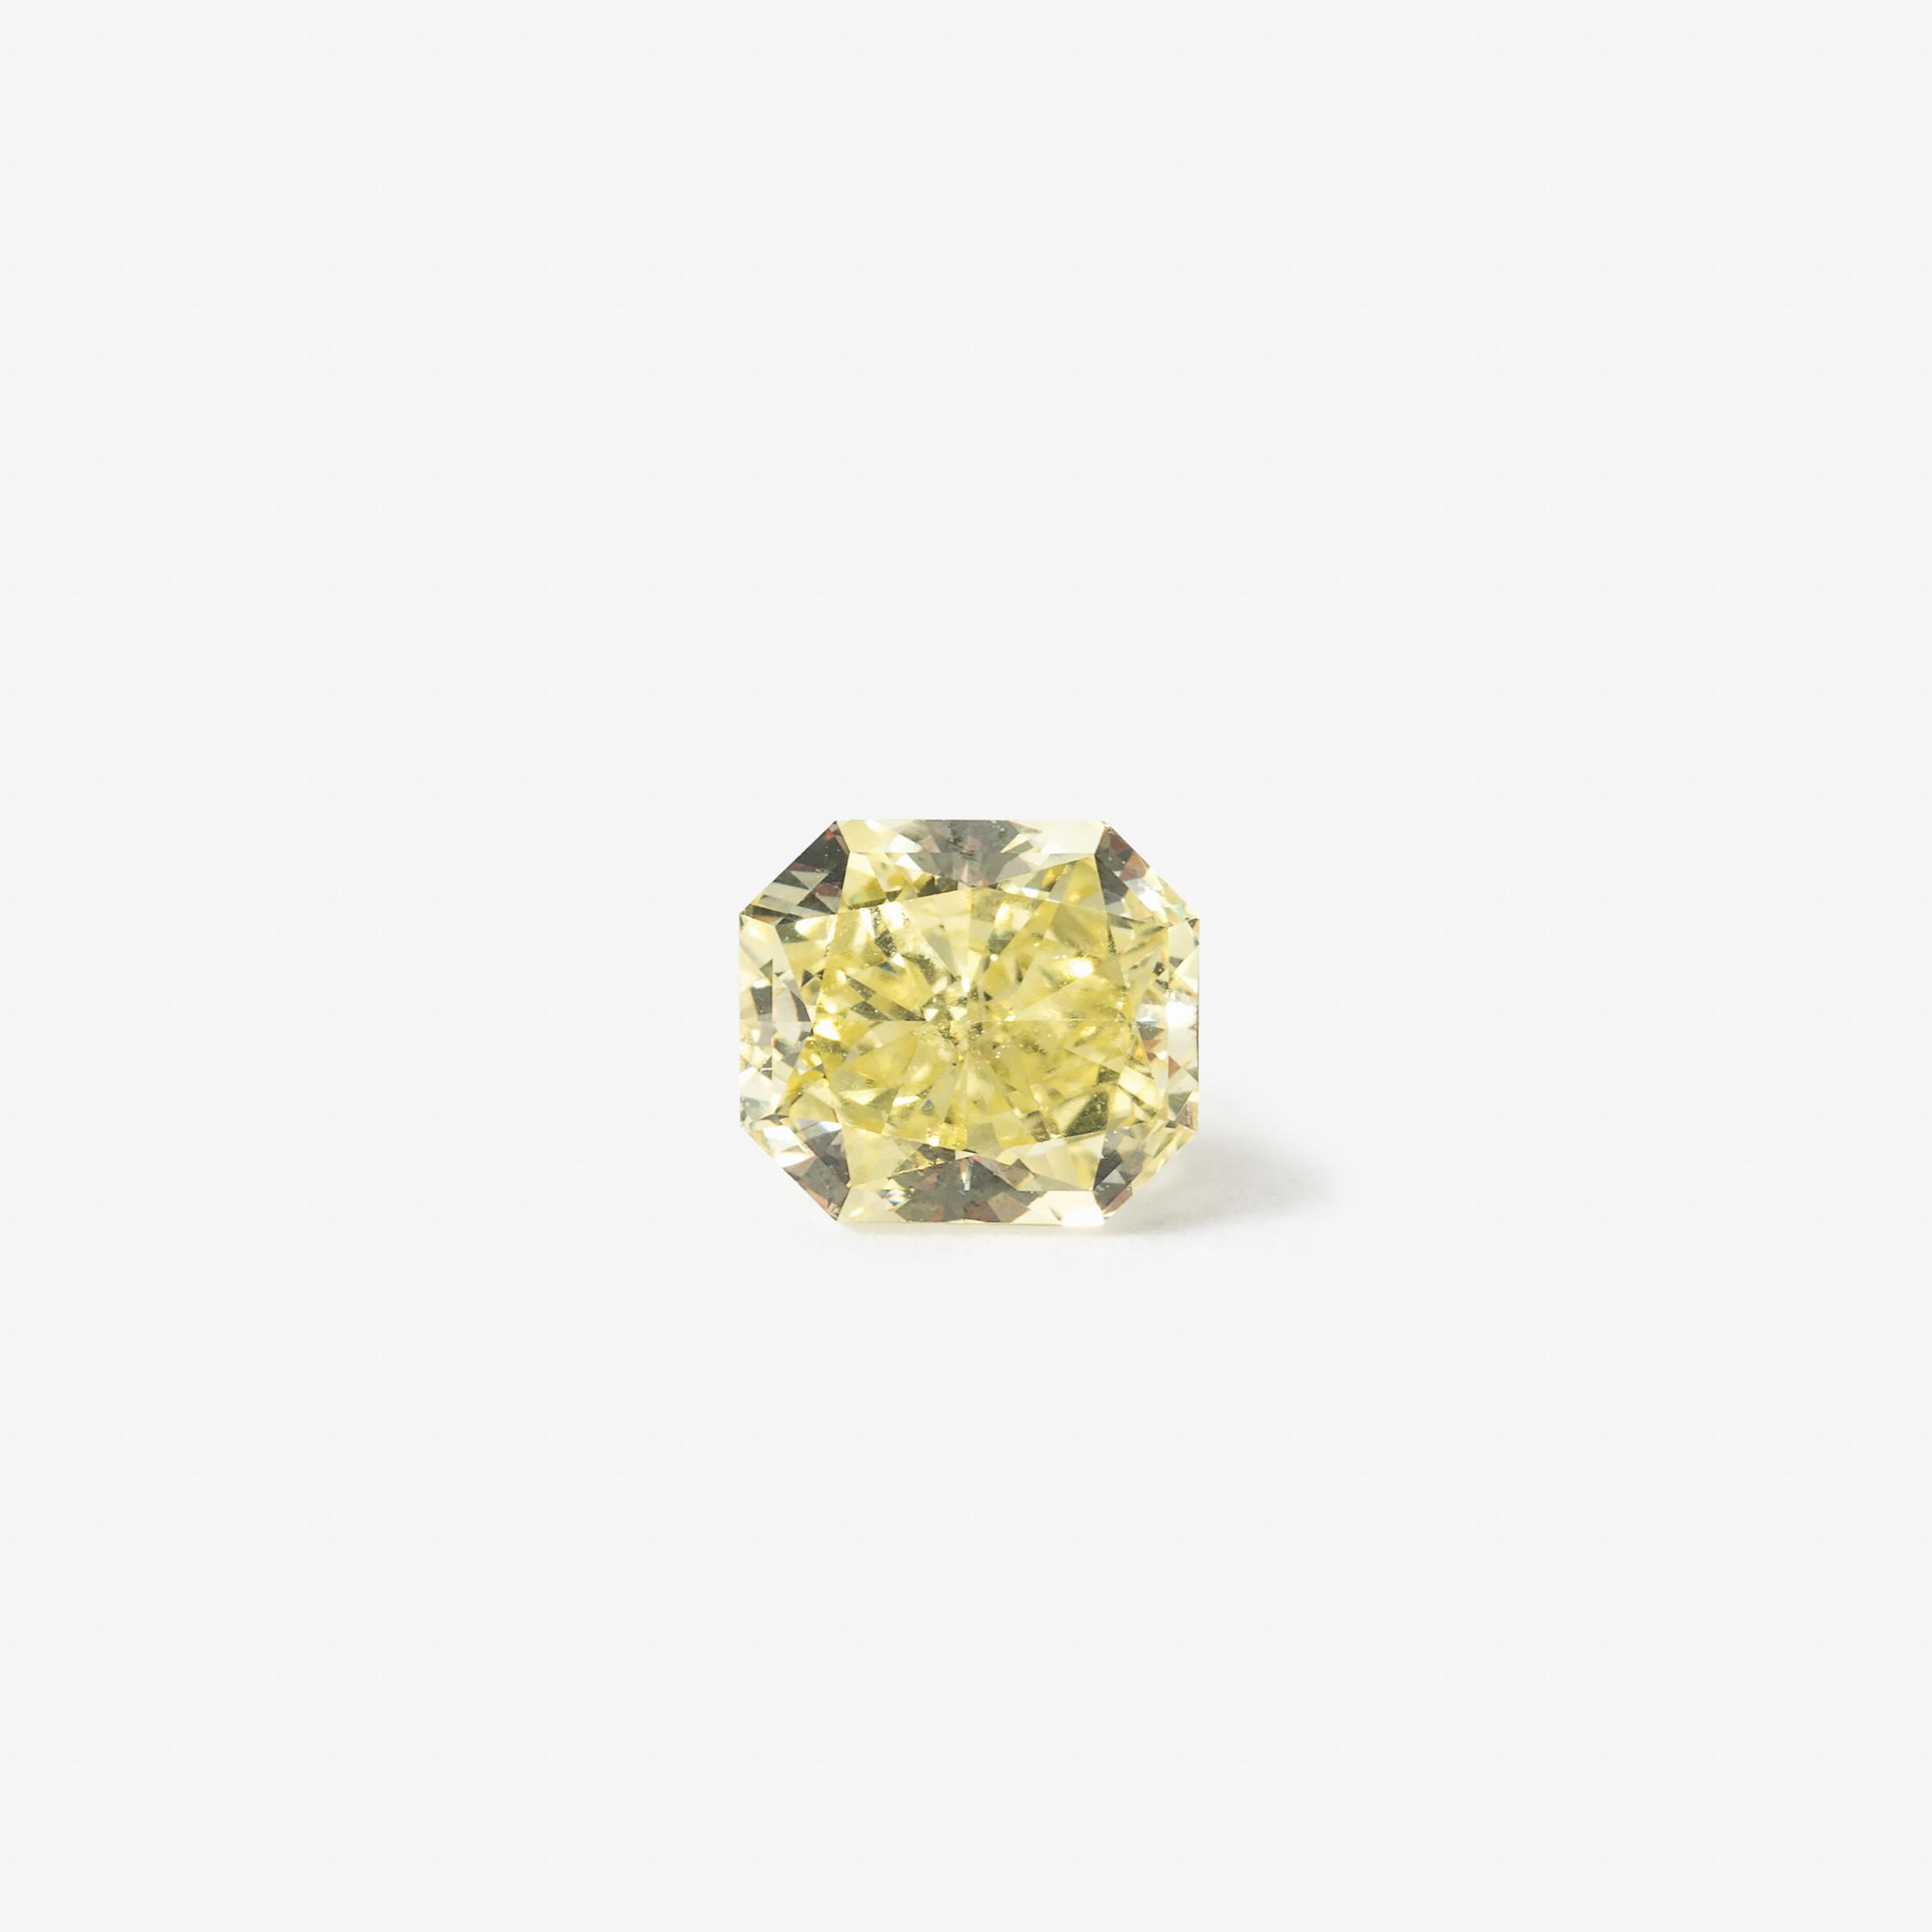 Diamant rectangulaire pesant 1,15 carat Avec certificat GIA numéroté GIA 2155133729, 20 juin 2015 Estimation: 6 000 à 8 000 EUR